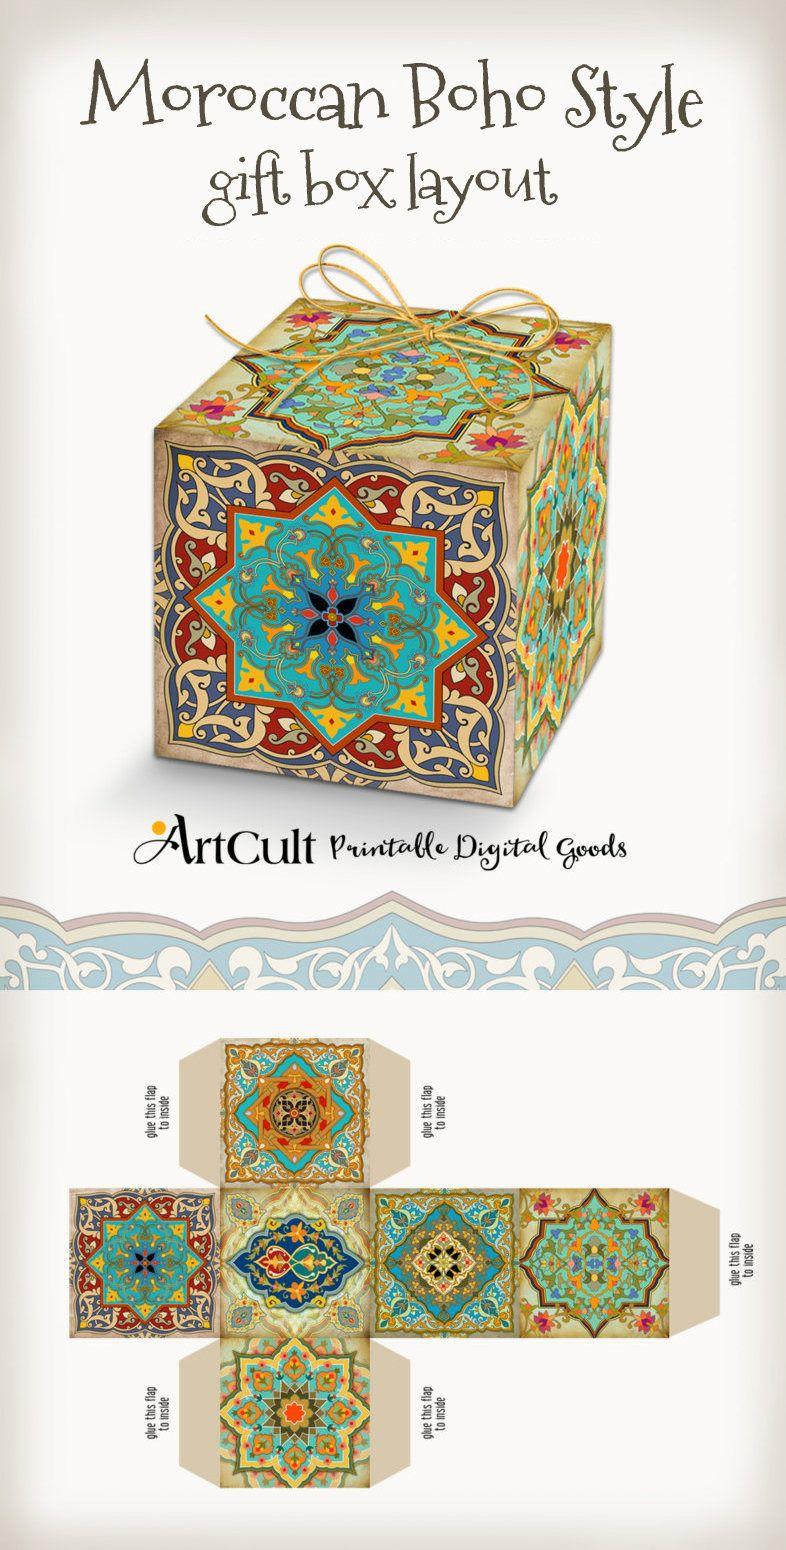 Printable digital moroccan boho style gift box layout do it printable digital moroccan boho style gift box layout do it solutioingenieria Gallery